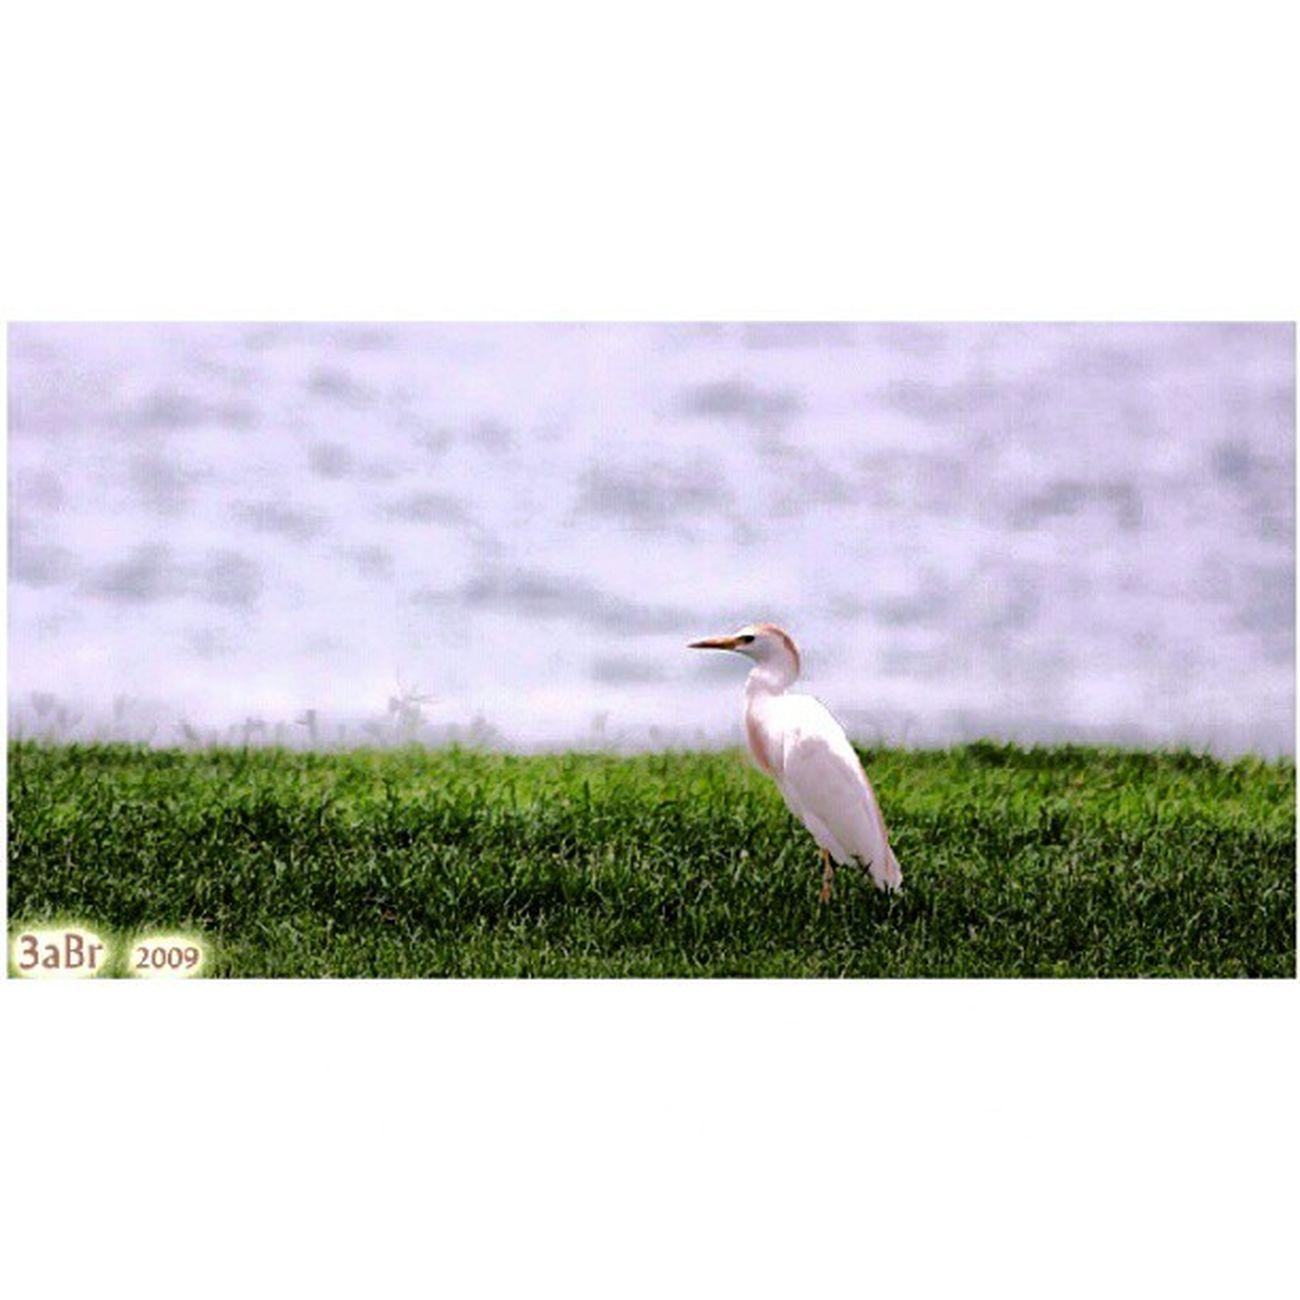 طائر الغرنوق كرنيش الفناتير الجبيل الصناعية المملكة العربية السعودية كانون 50d Bird Ahlgrenouk Corniche Fanateer Jubail Saudi Arabia Canon 50D x3abrr Flickr twittr facebook